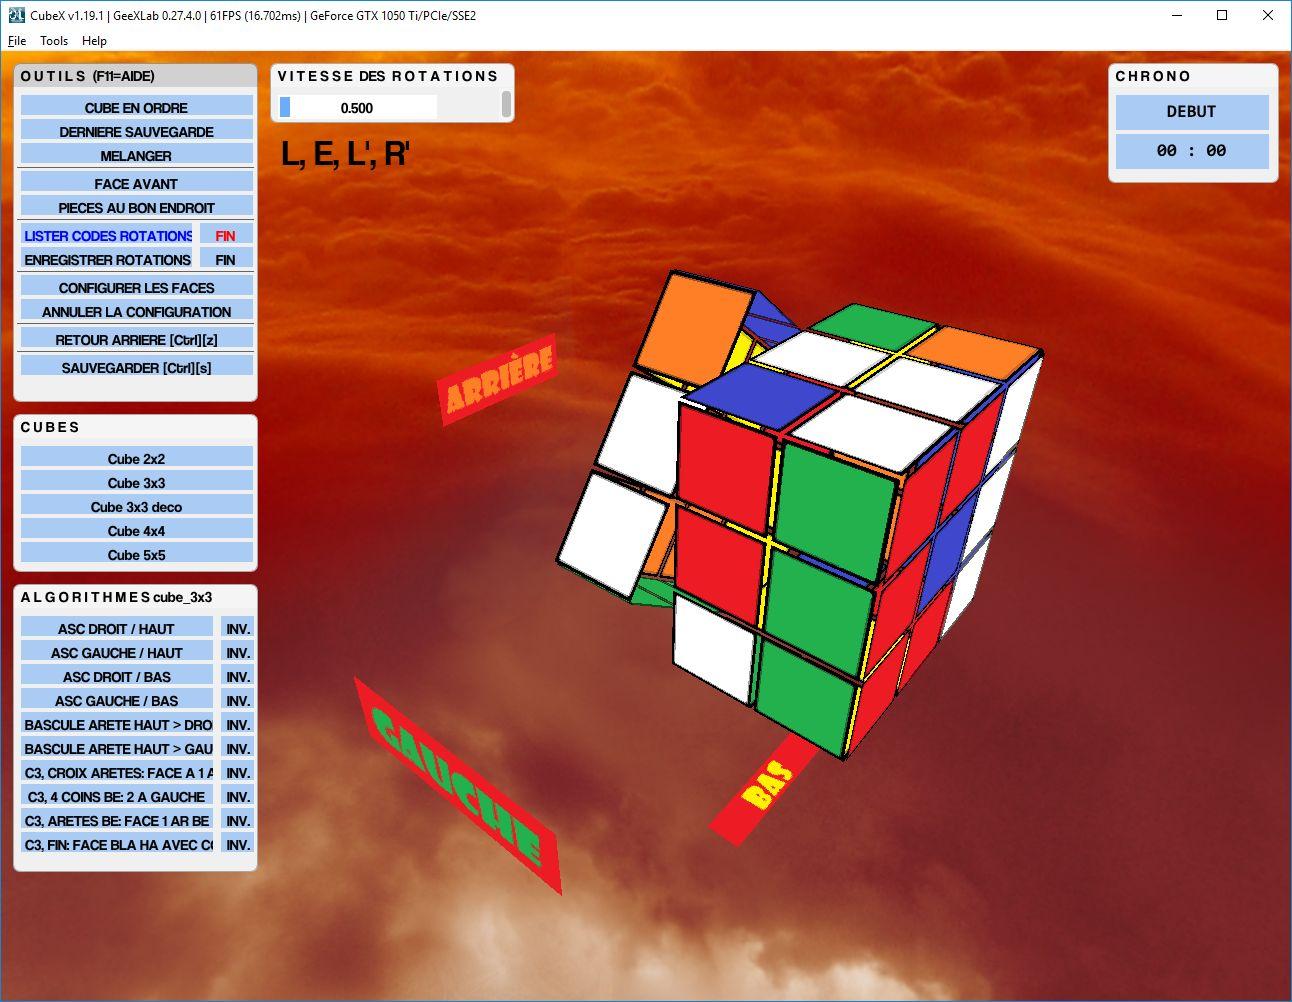 Cube 3x3 déco